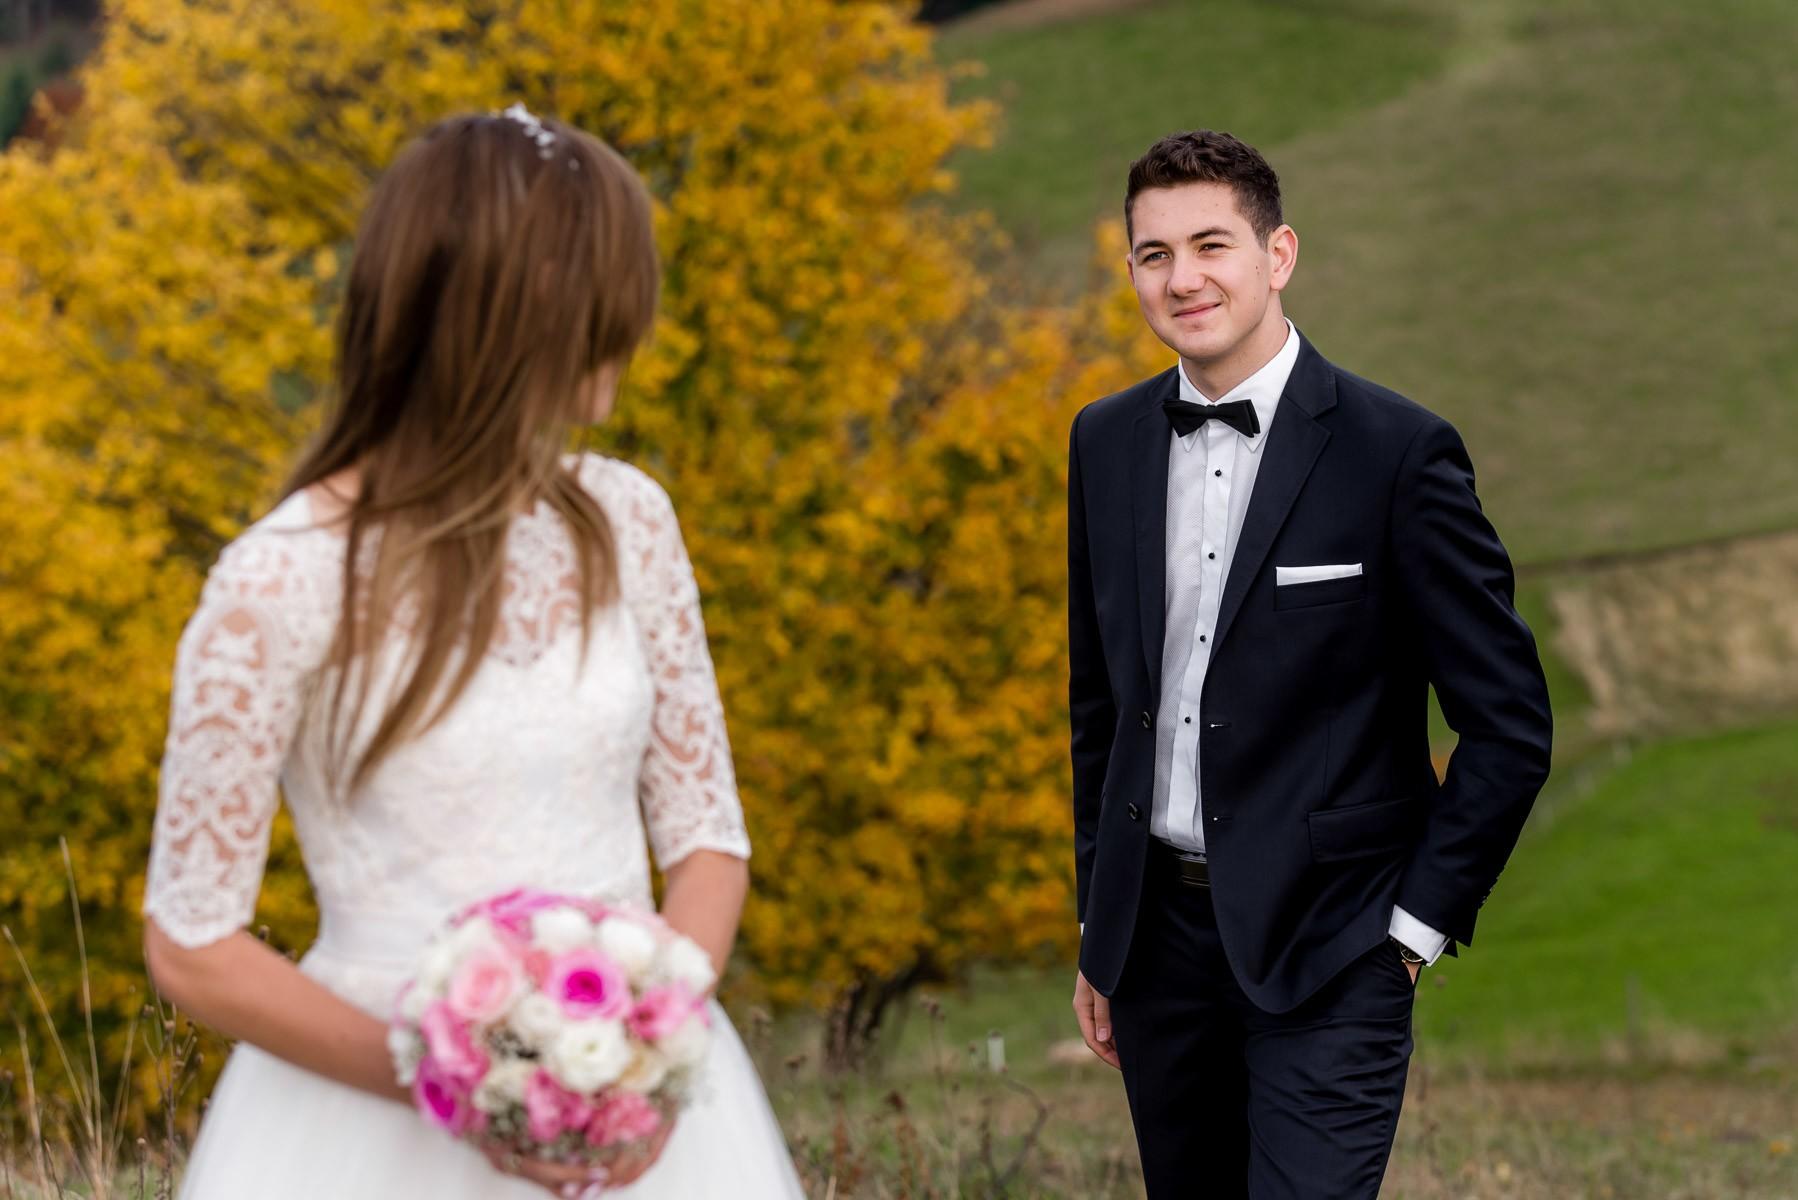 sala na skarpie fotograf slubny slask malopolska adam pietrusiak plener slubny w gorach jw wedding 187